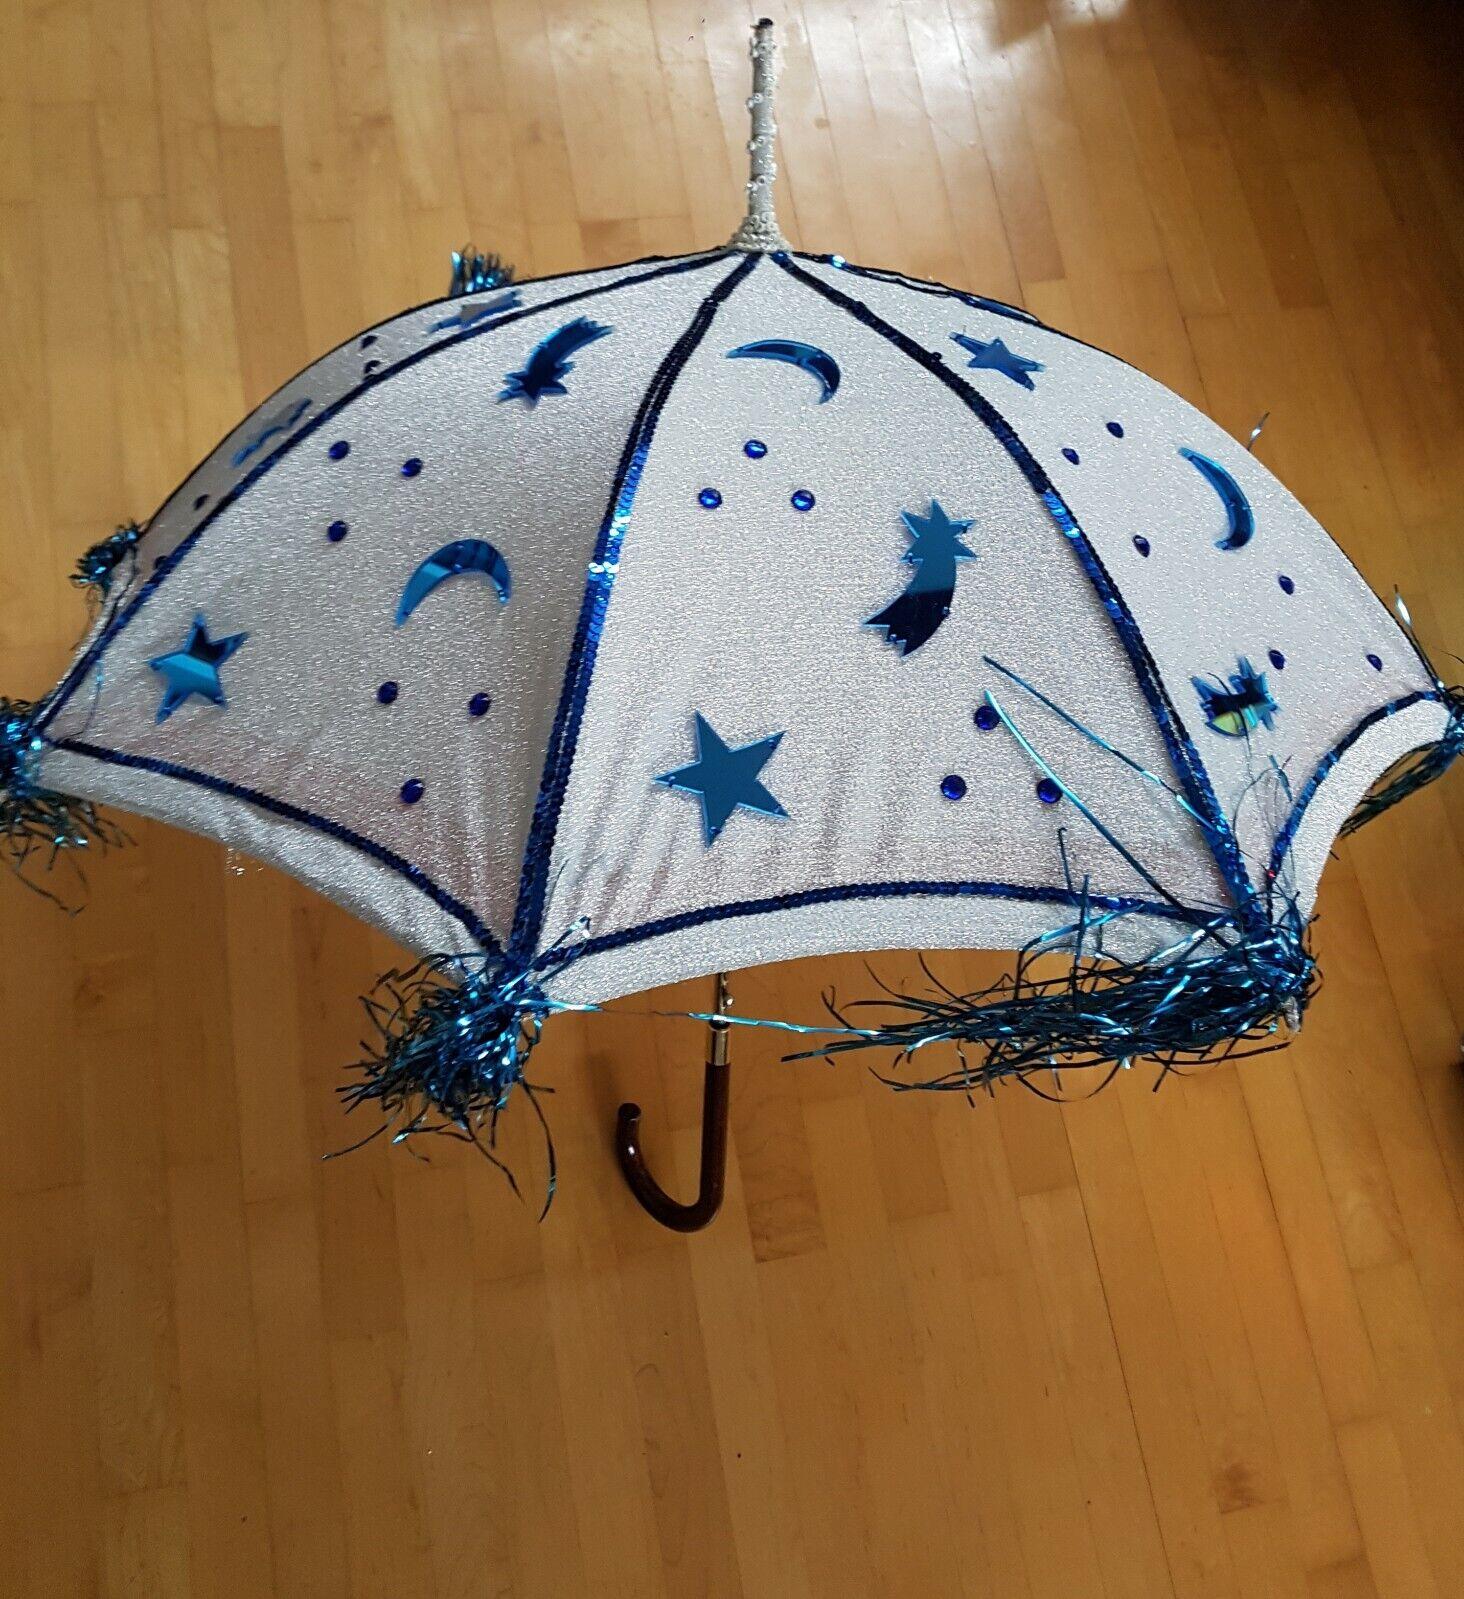 ❤ parapluie parasol Cosplay mardi gras Théâtre Carnaval, bleu, à la main 💙